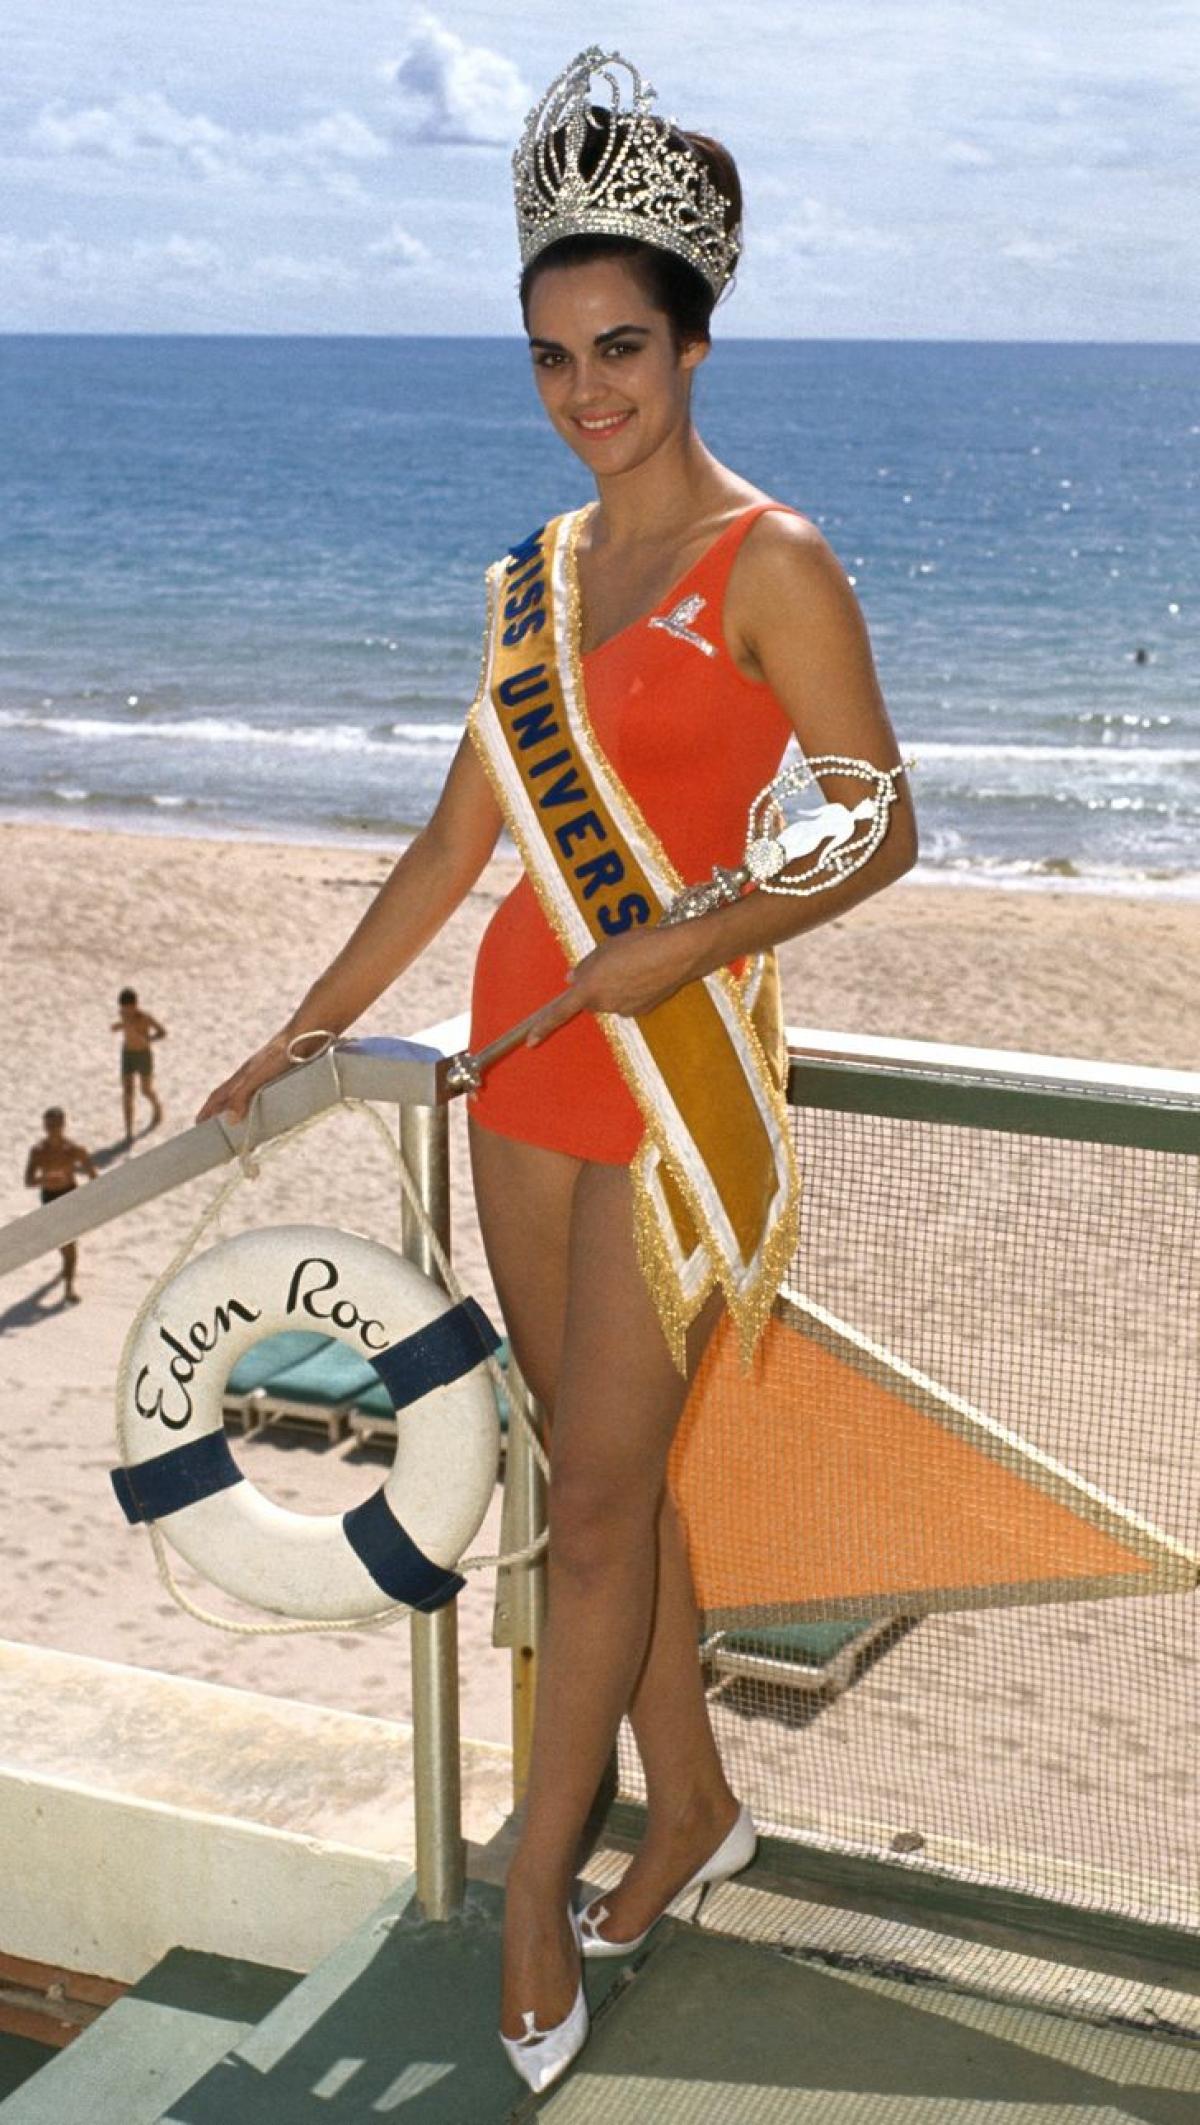 Kiraiki Tsopei đến từ Hy Lạp, đăng quang Hoa hậu Hoàn vũ năm 1964.Bà trở thành người phụ nữ Hy Lạp đầu tiên đăng quang danh hiệuHoa hậu Hoàn vũ. Về sau, bà trở thành một nữ diễn viên điện ảnh của Hollywood.